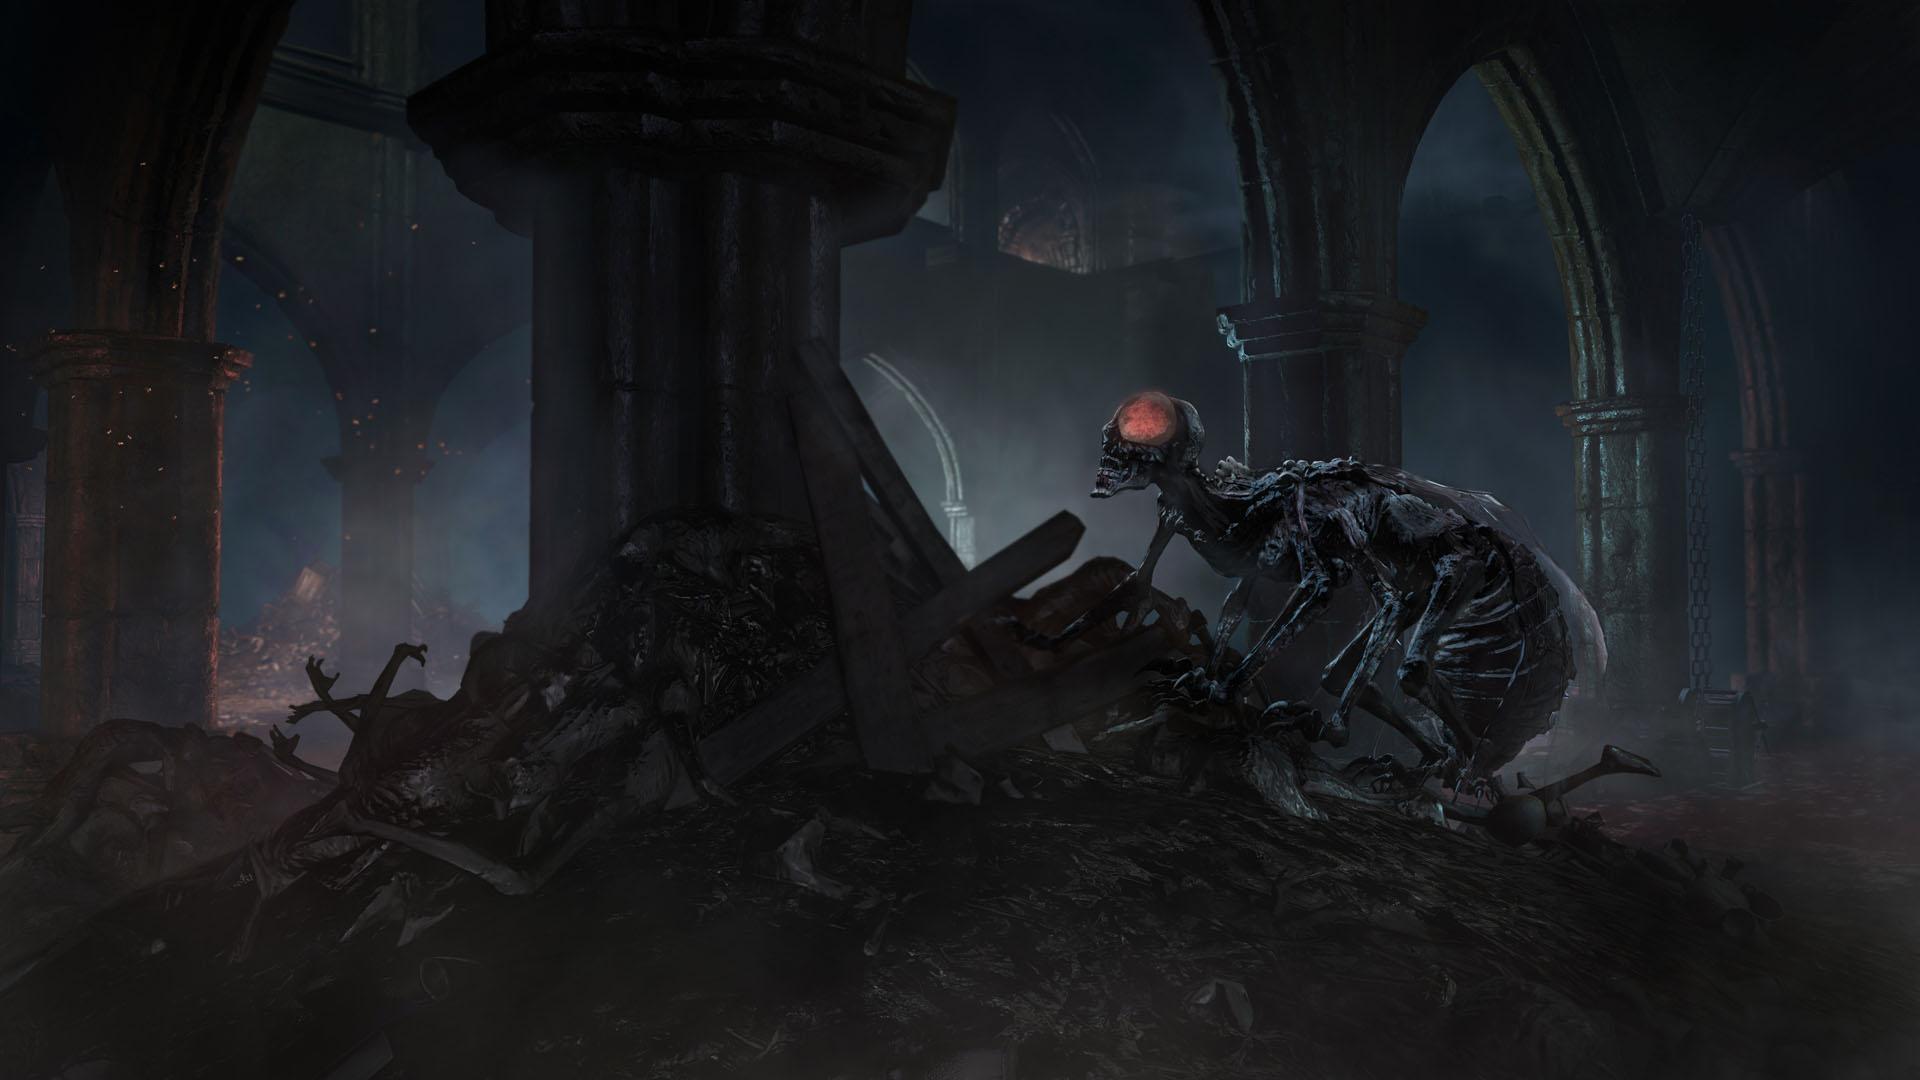 DARK SOULS III Ashes of Ariandel Screenshot 7